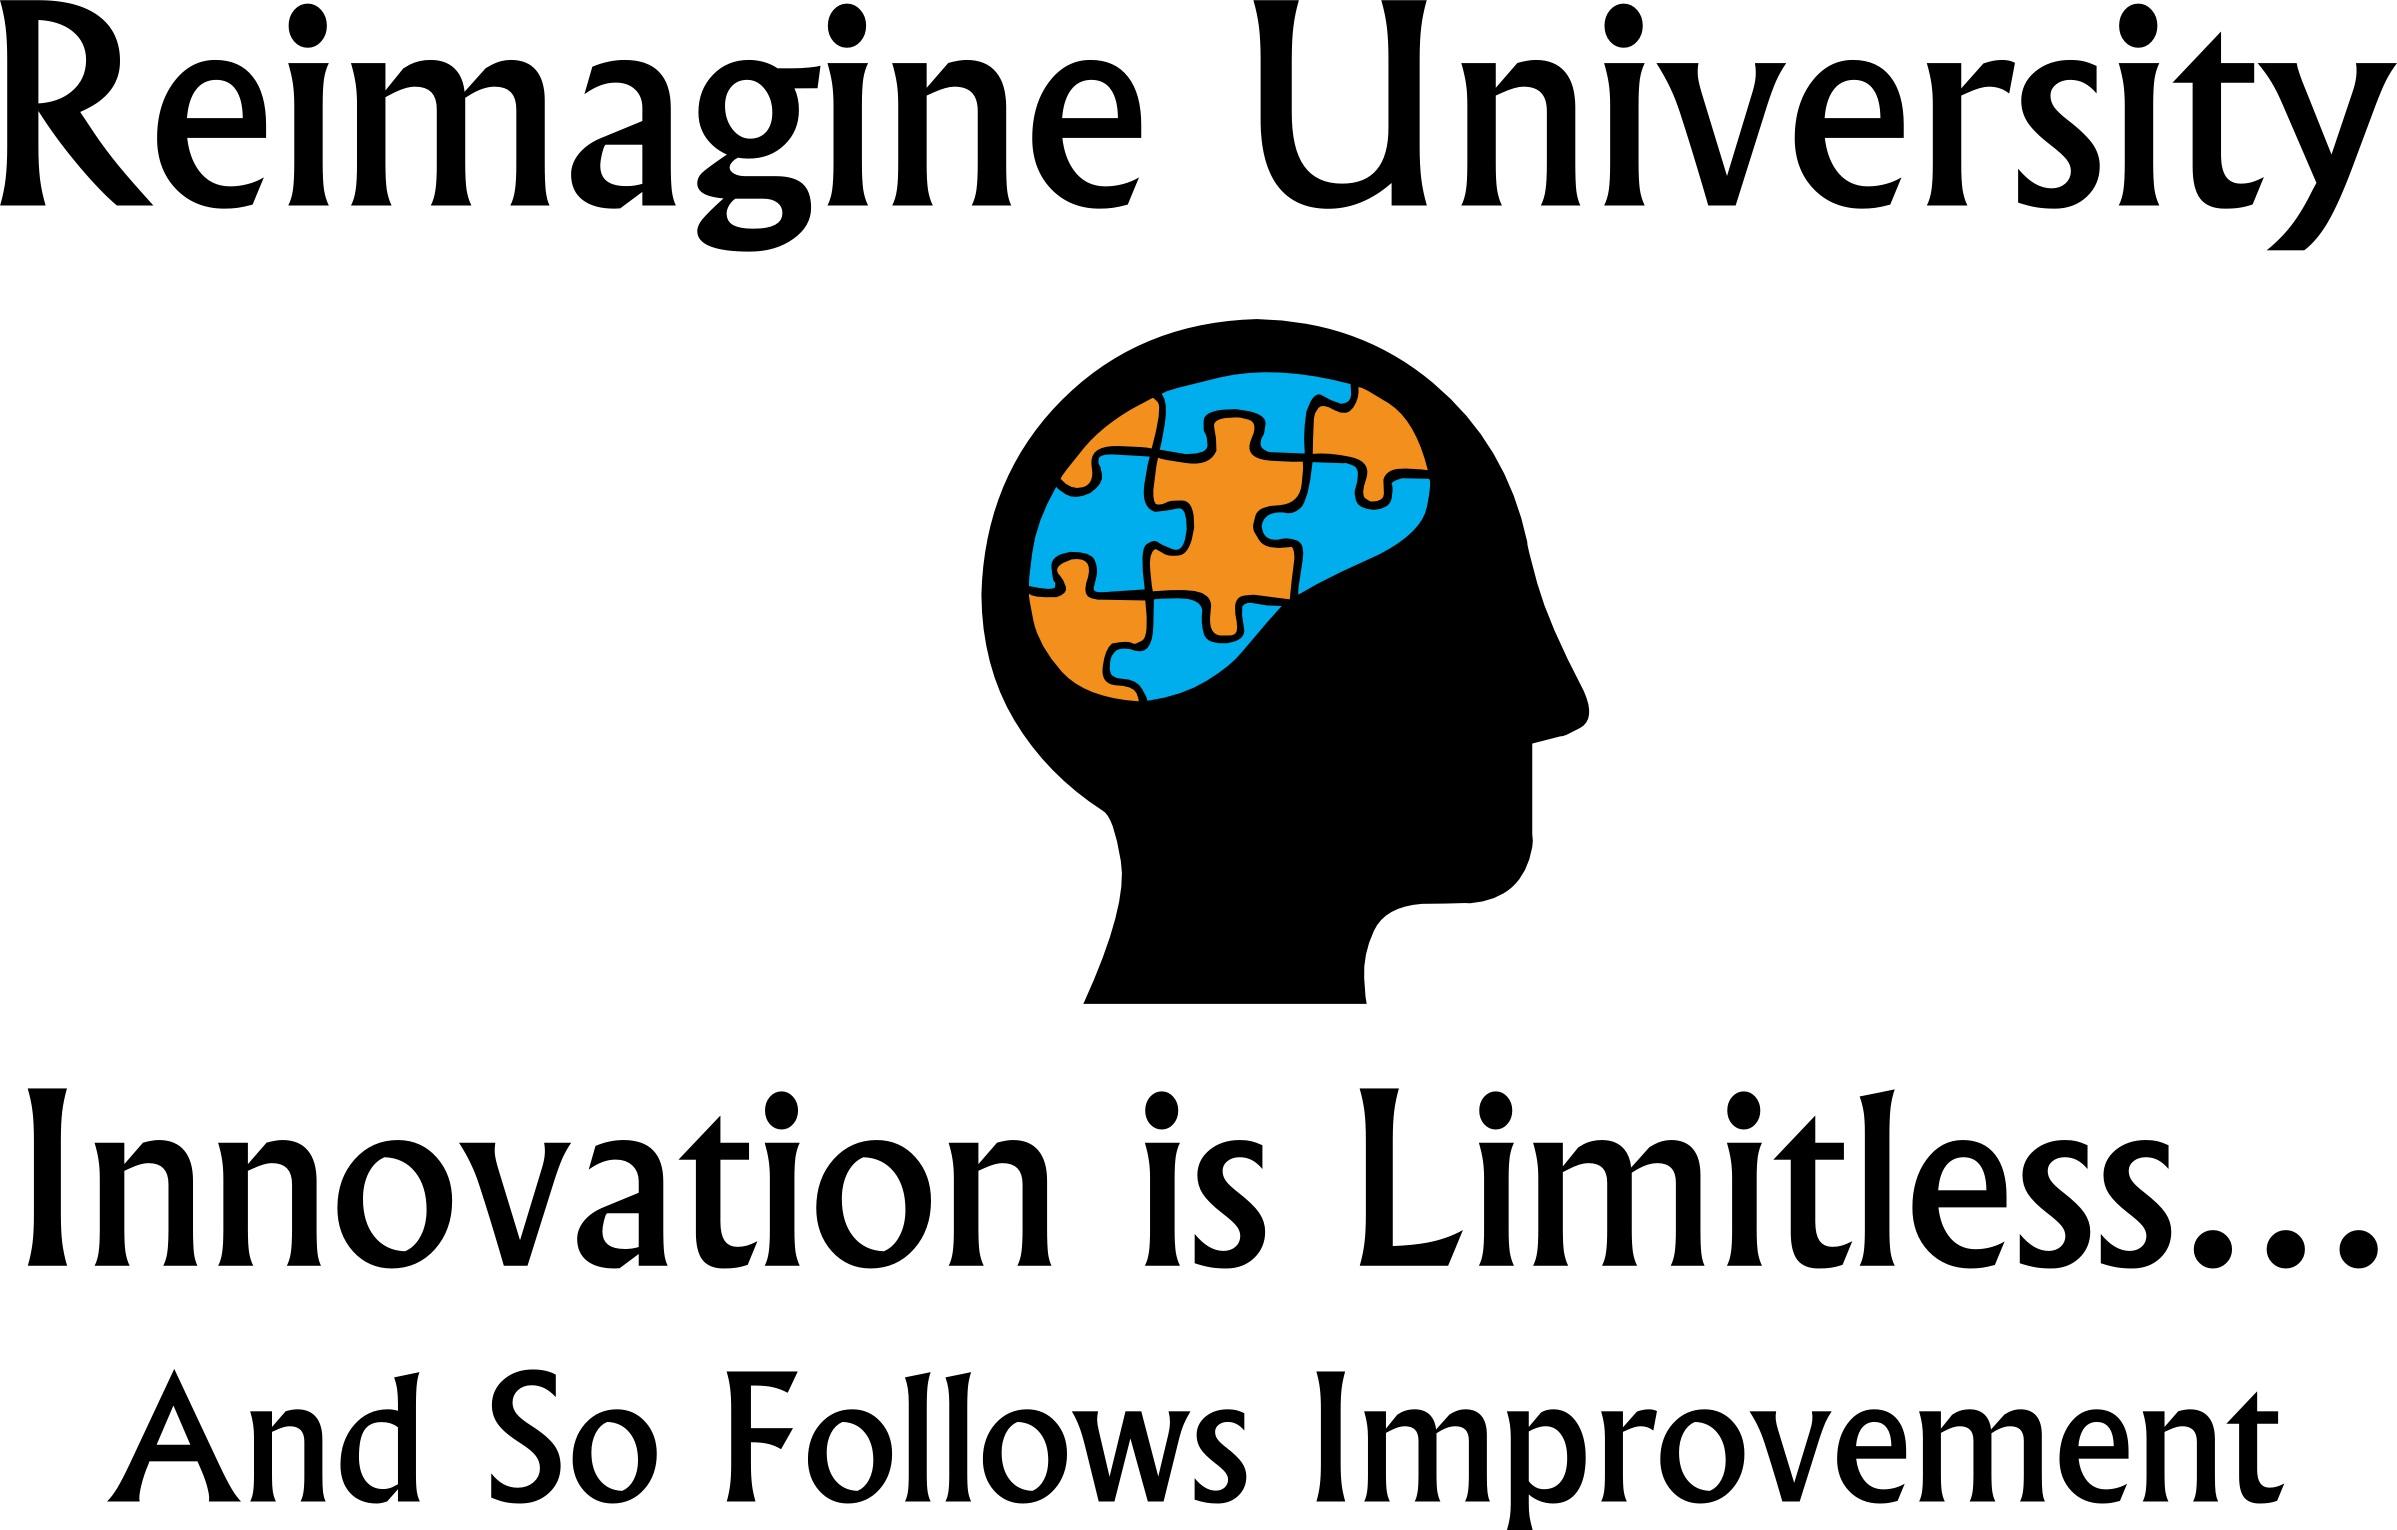 Reimagine University